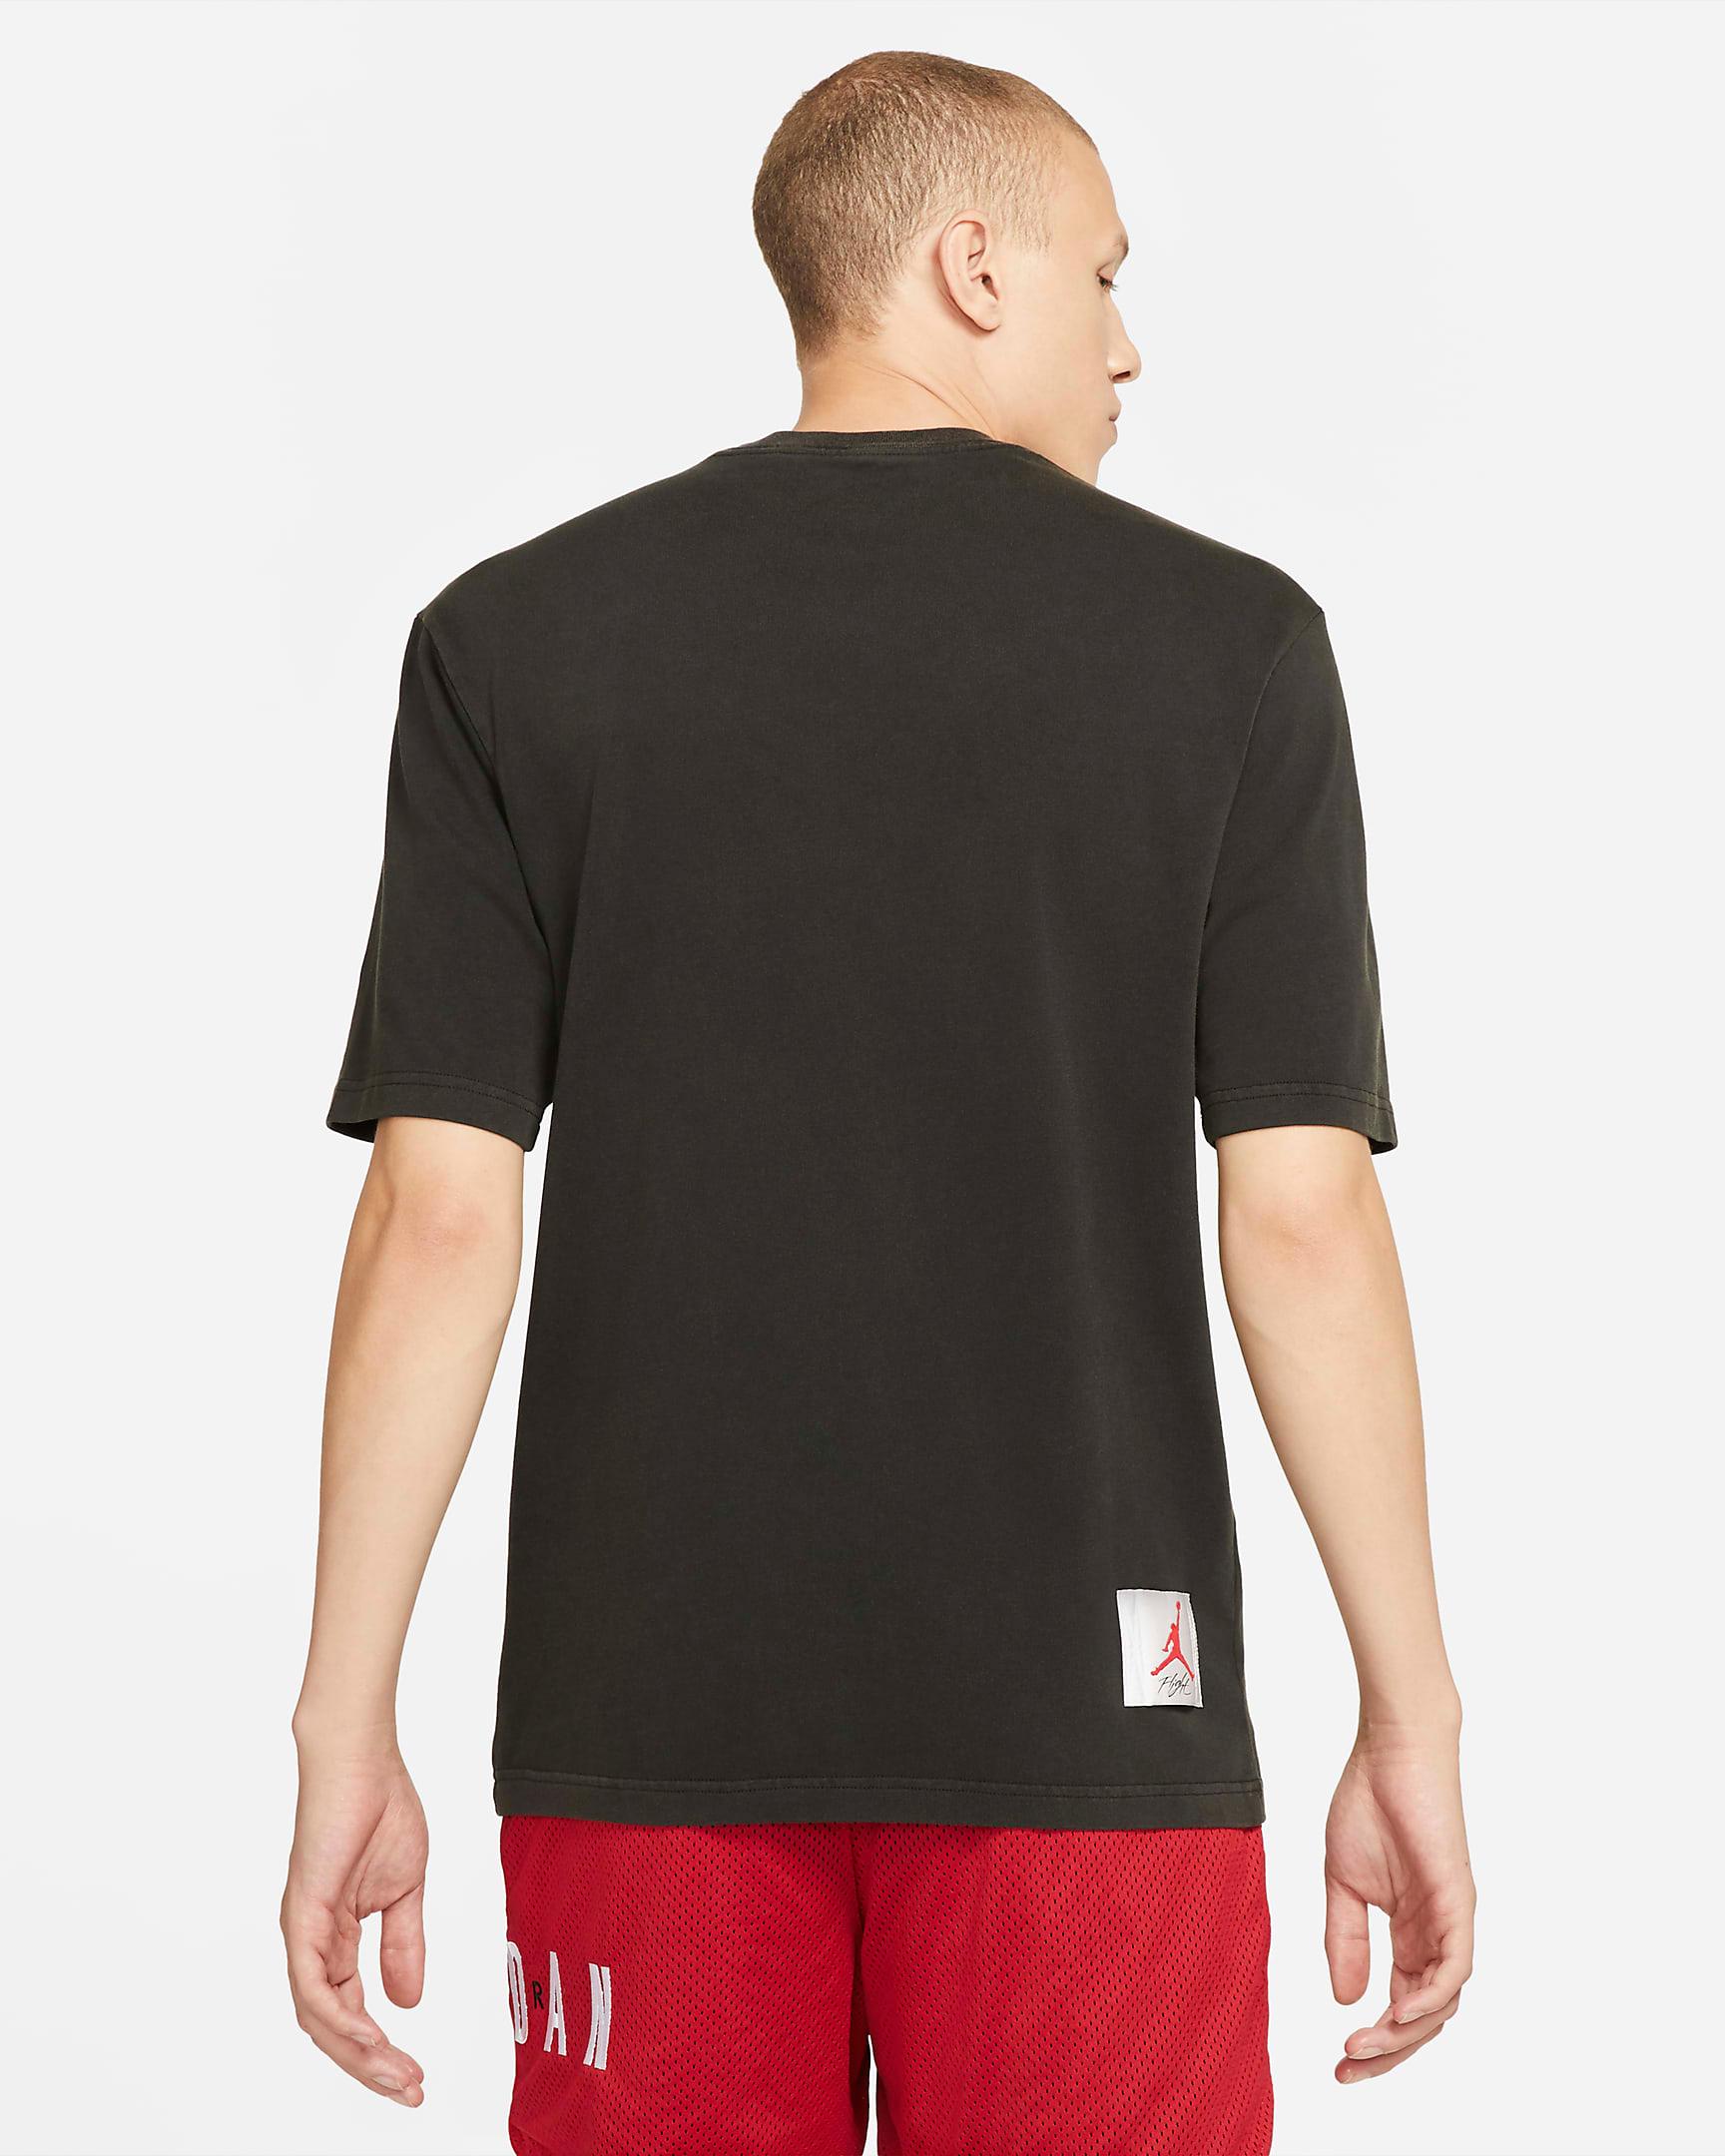 jordan-flight-graphic-shirt-black-red-grey-summer-2021-2